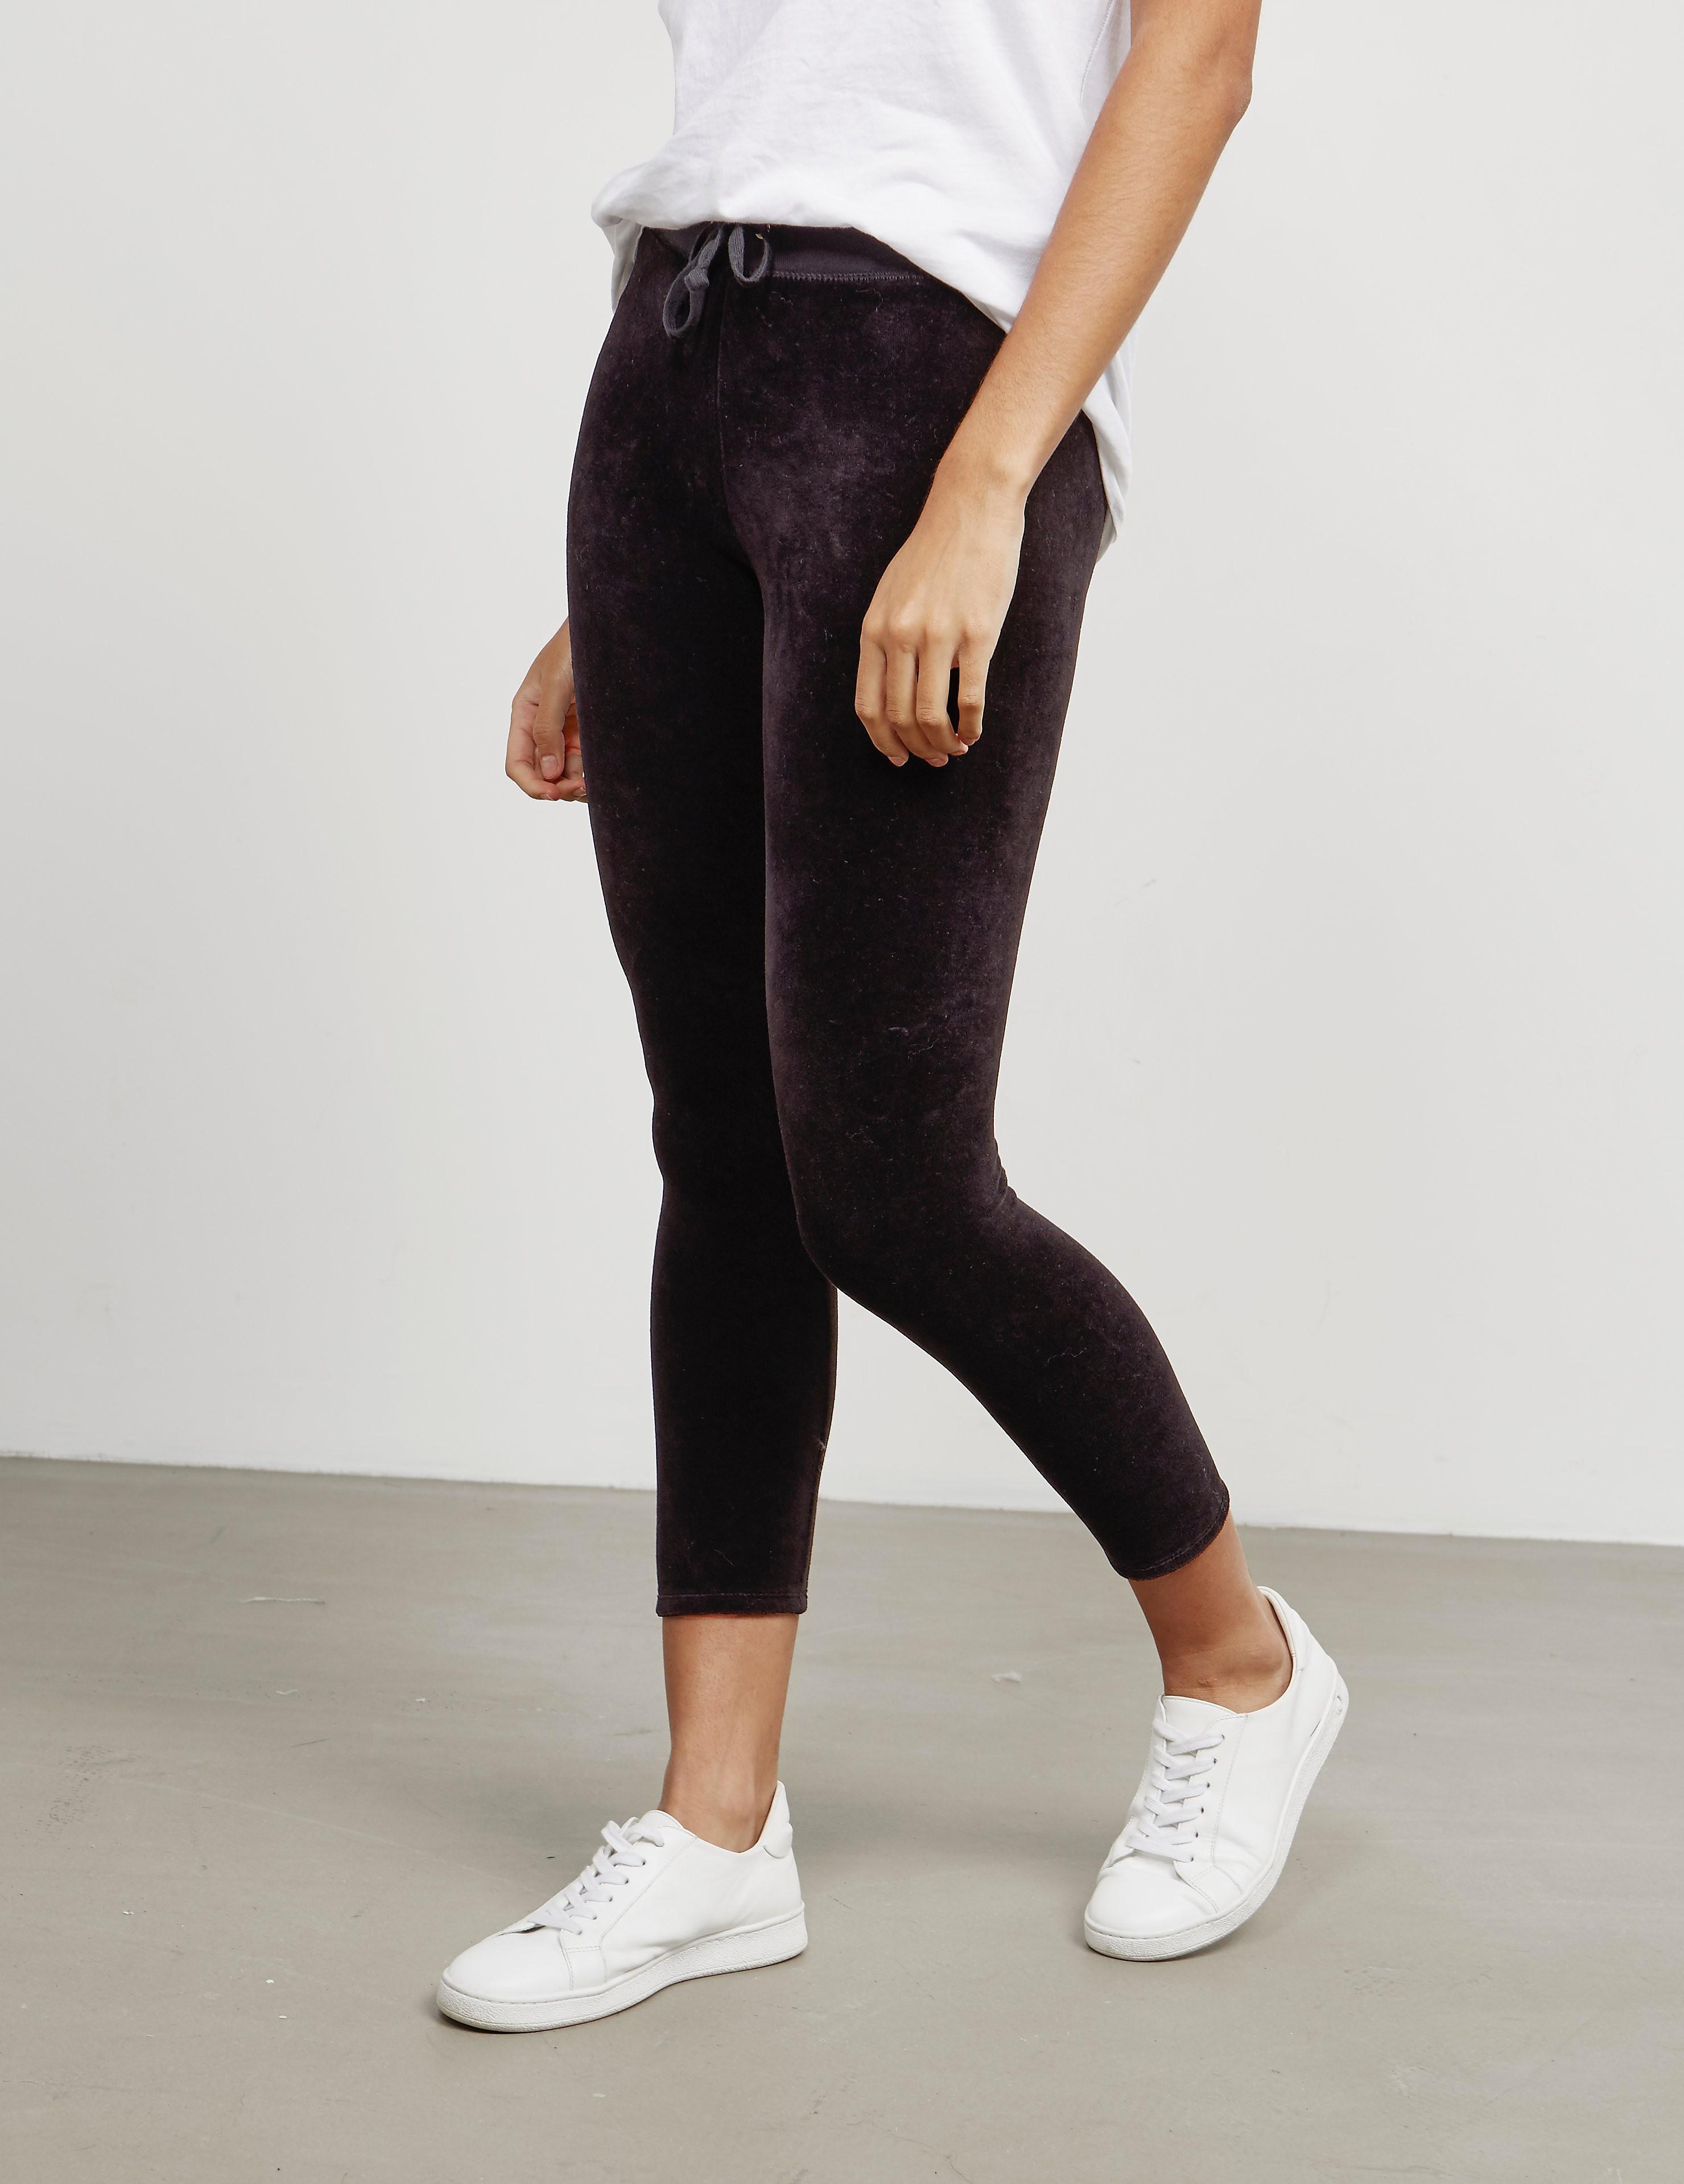 Juicy Couture Velour Legging